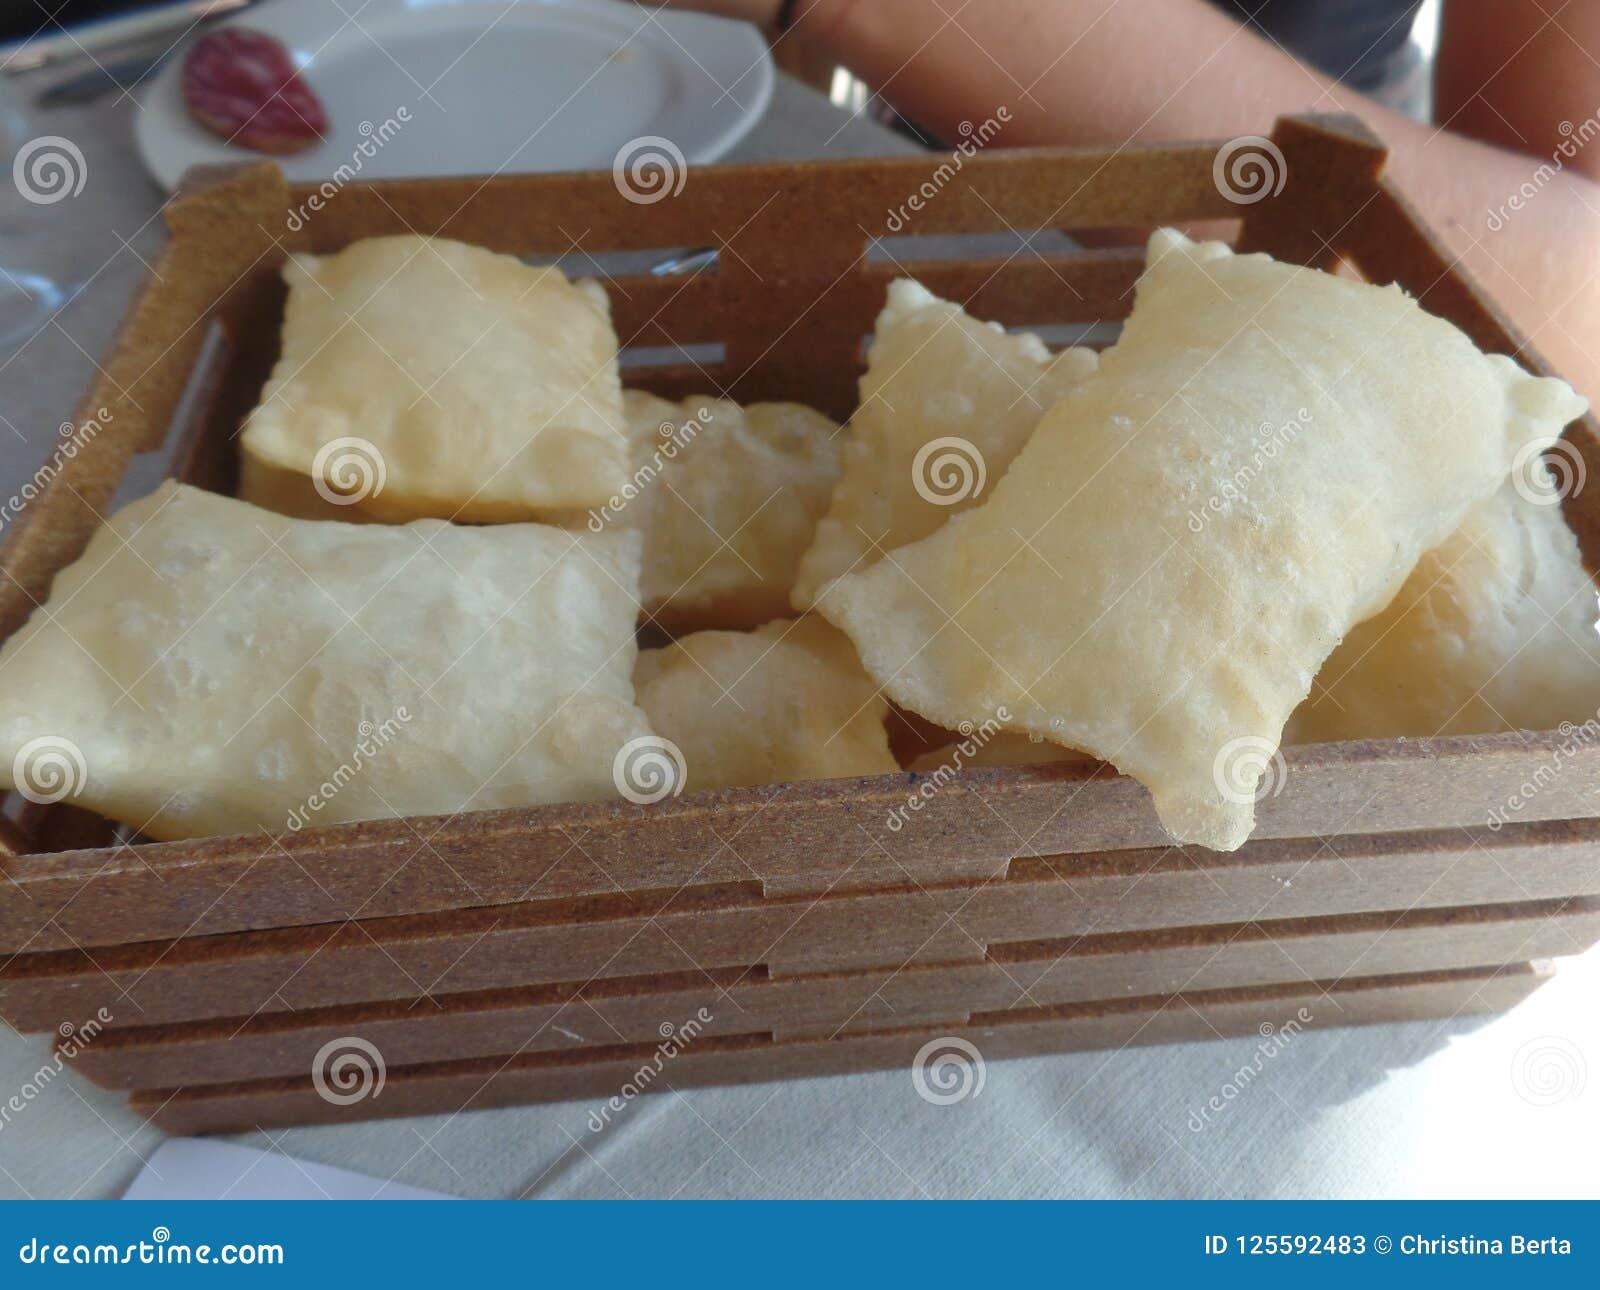 炸面包,从意大利的伊米莉亚罗马甘地区的一个典型的盘